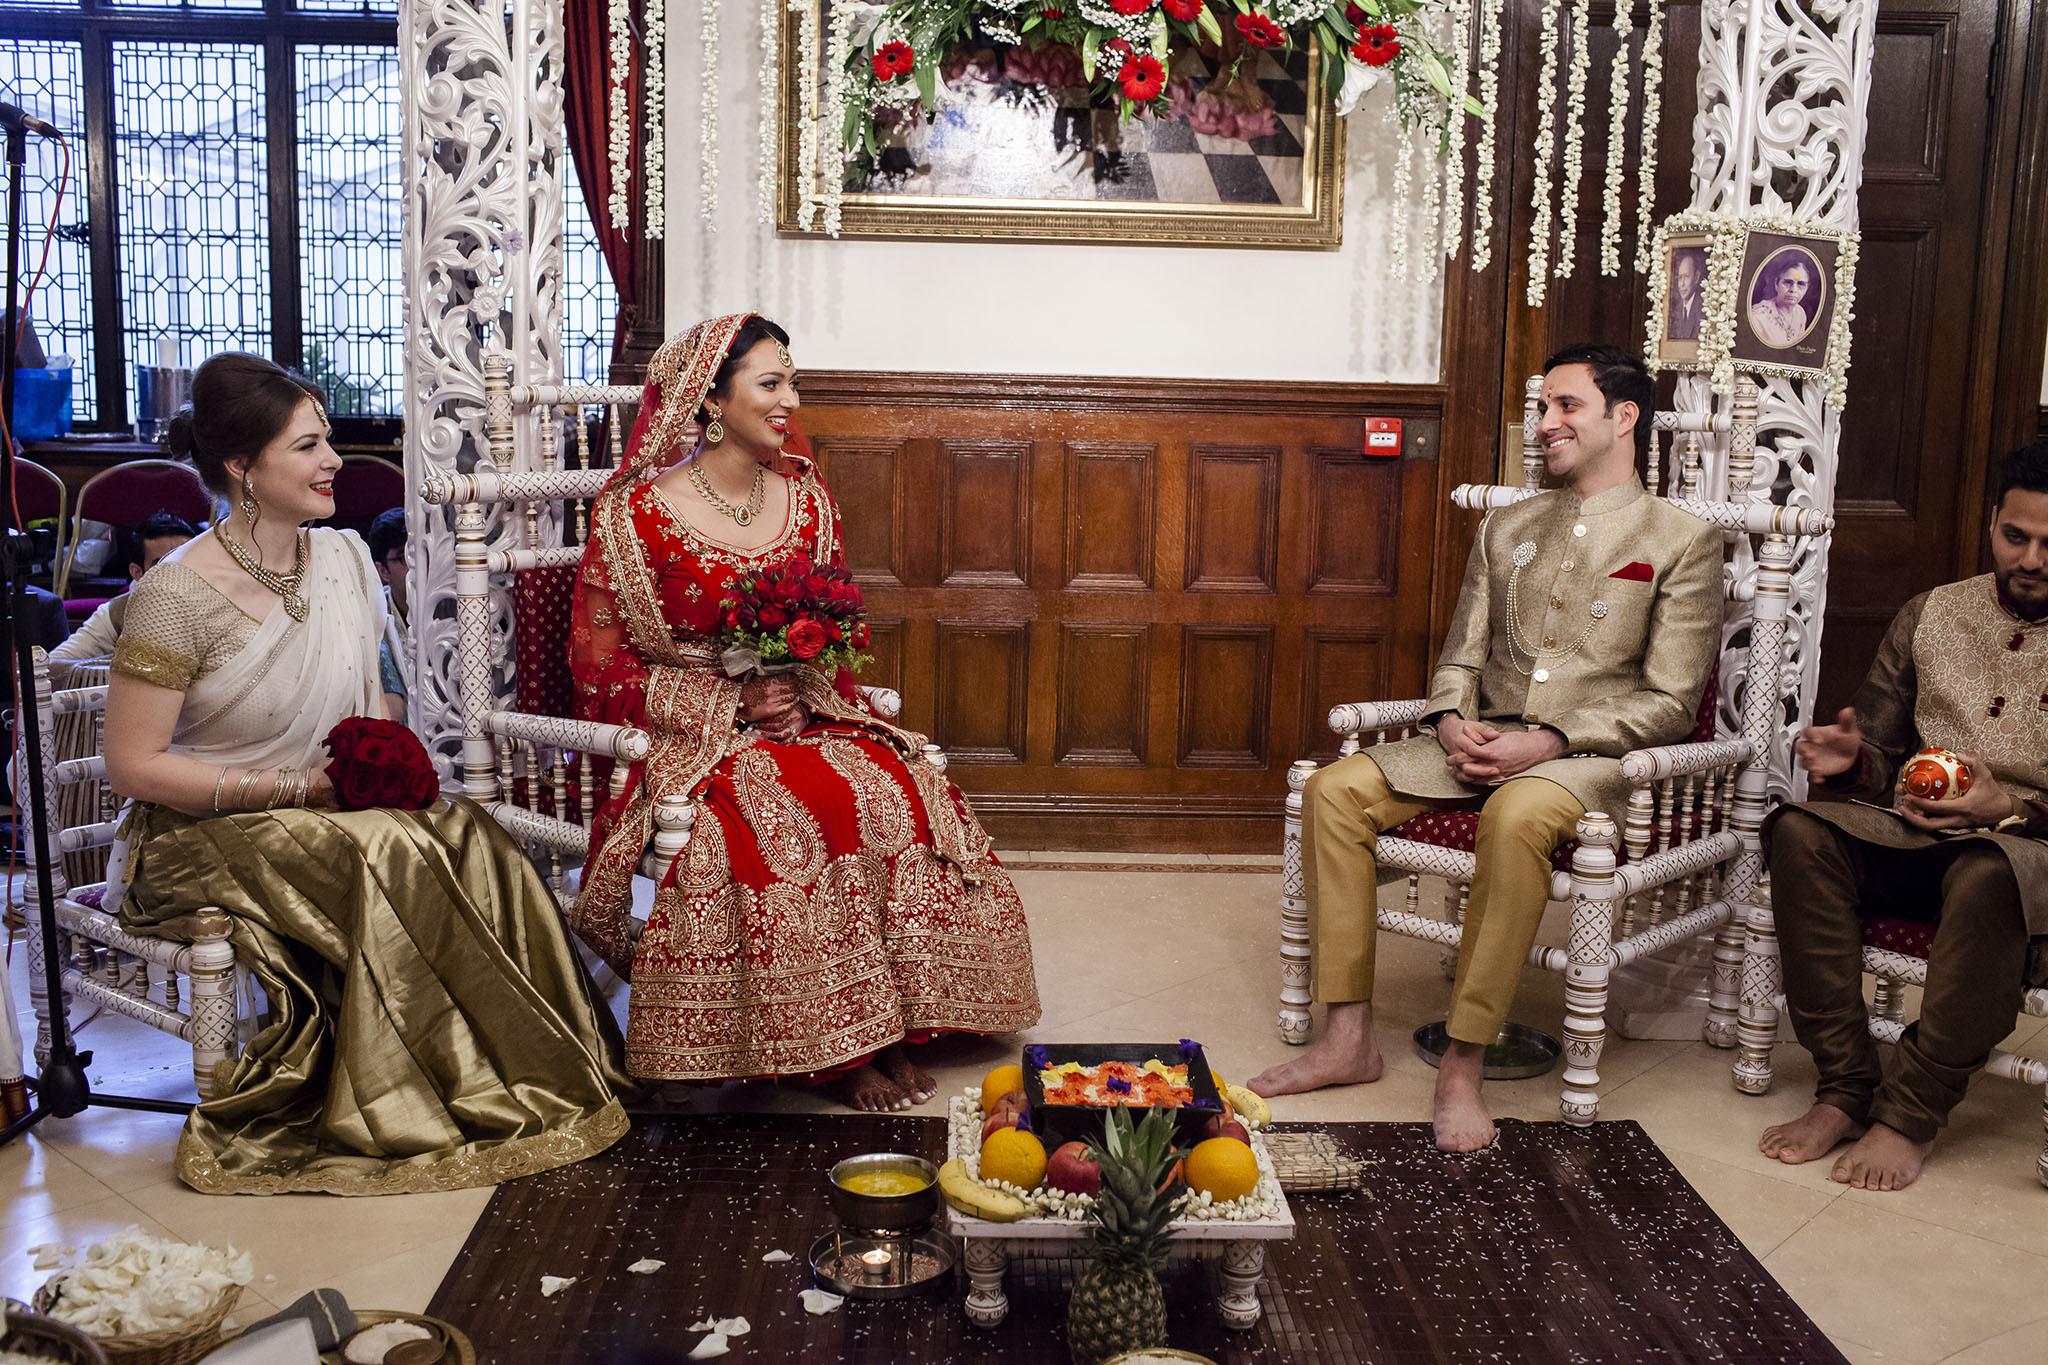 elizabethgphotography_kingslangley_hertfordshire_fineart_indian_wedding_photography_bhavesh_kundalata_bhaktivedanta_manor_watford_jpg16.jpg